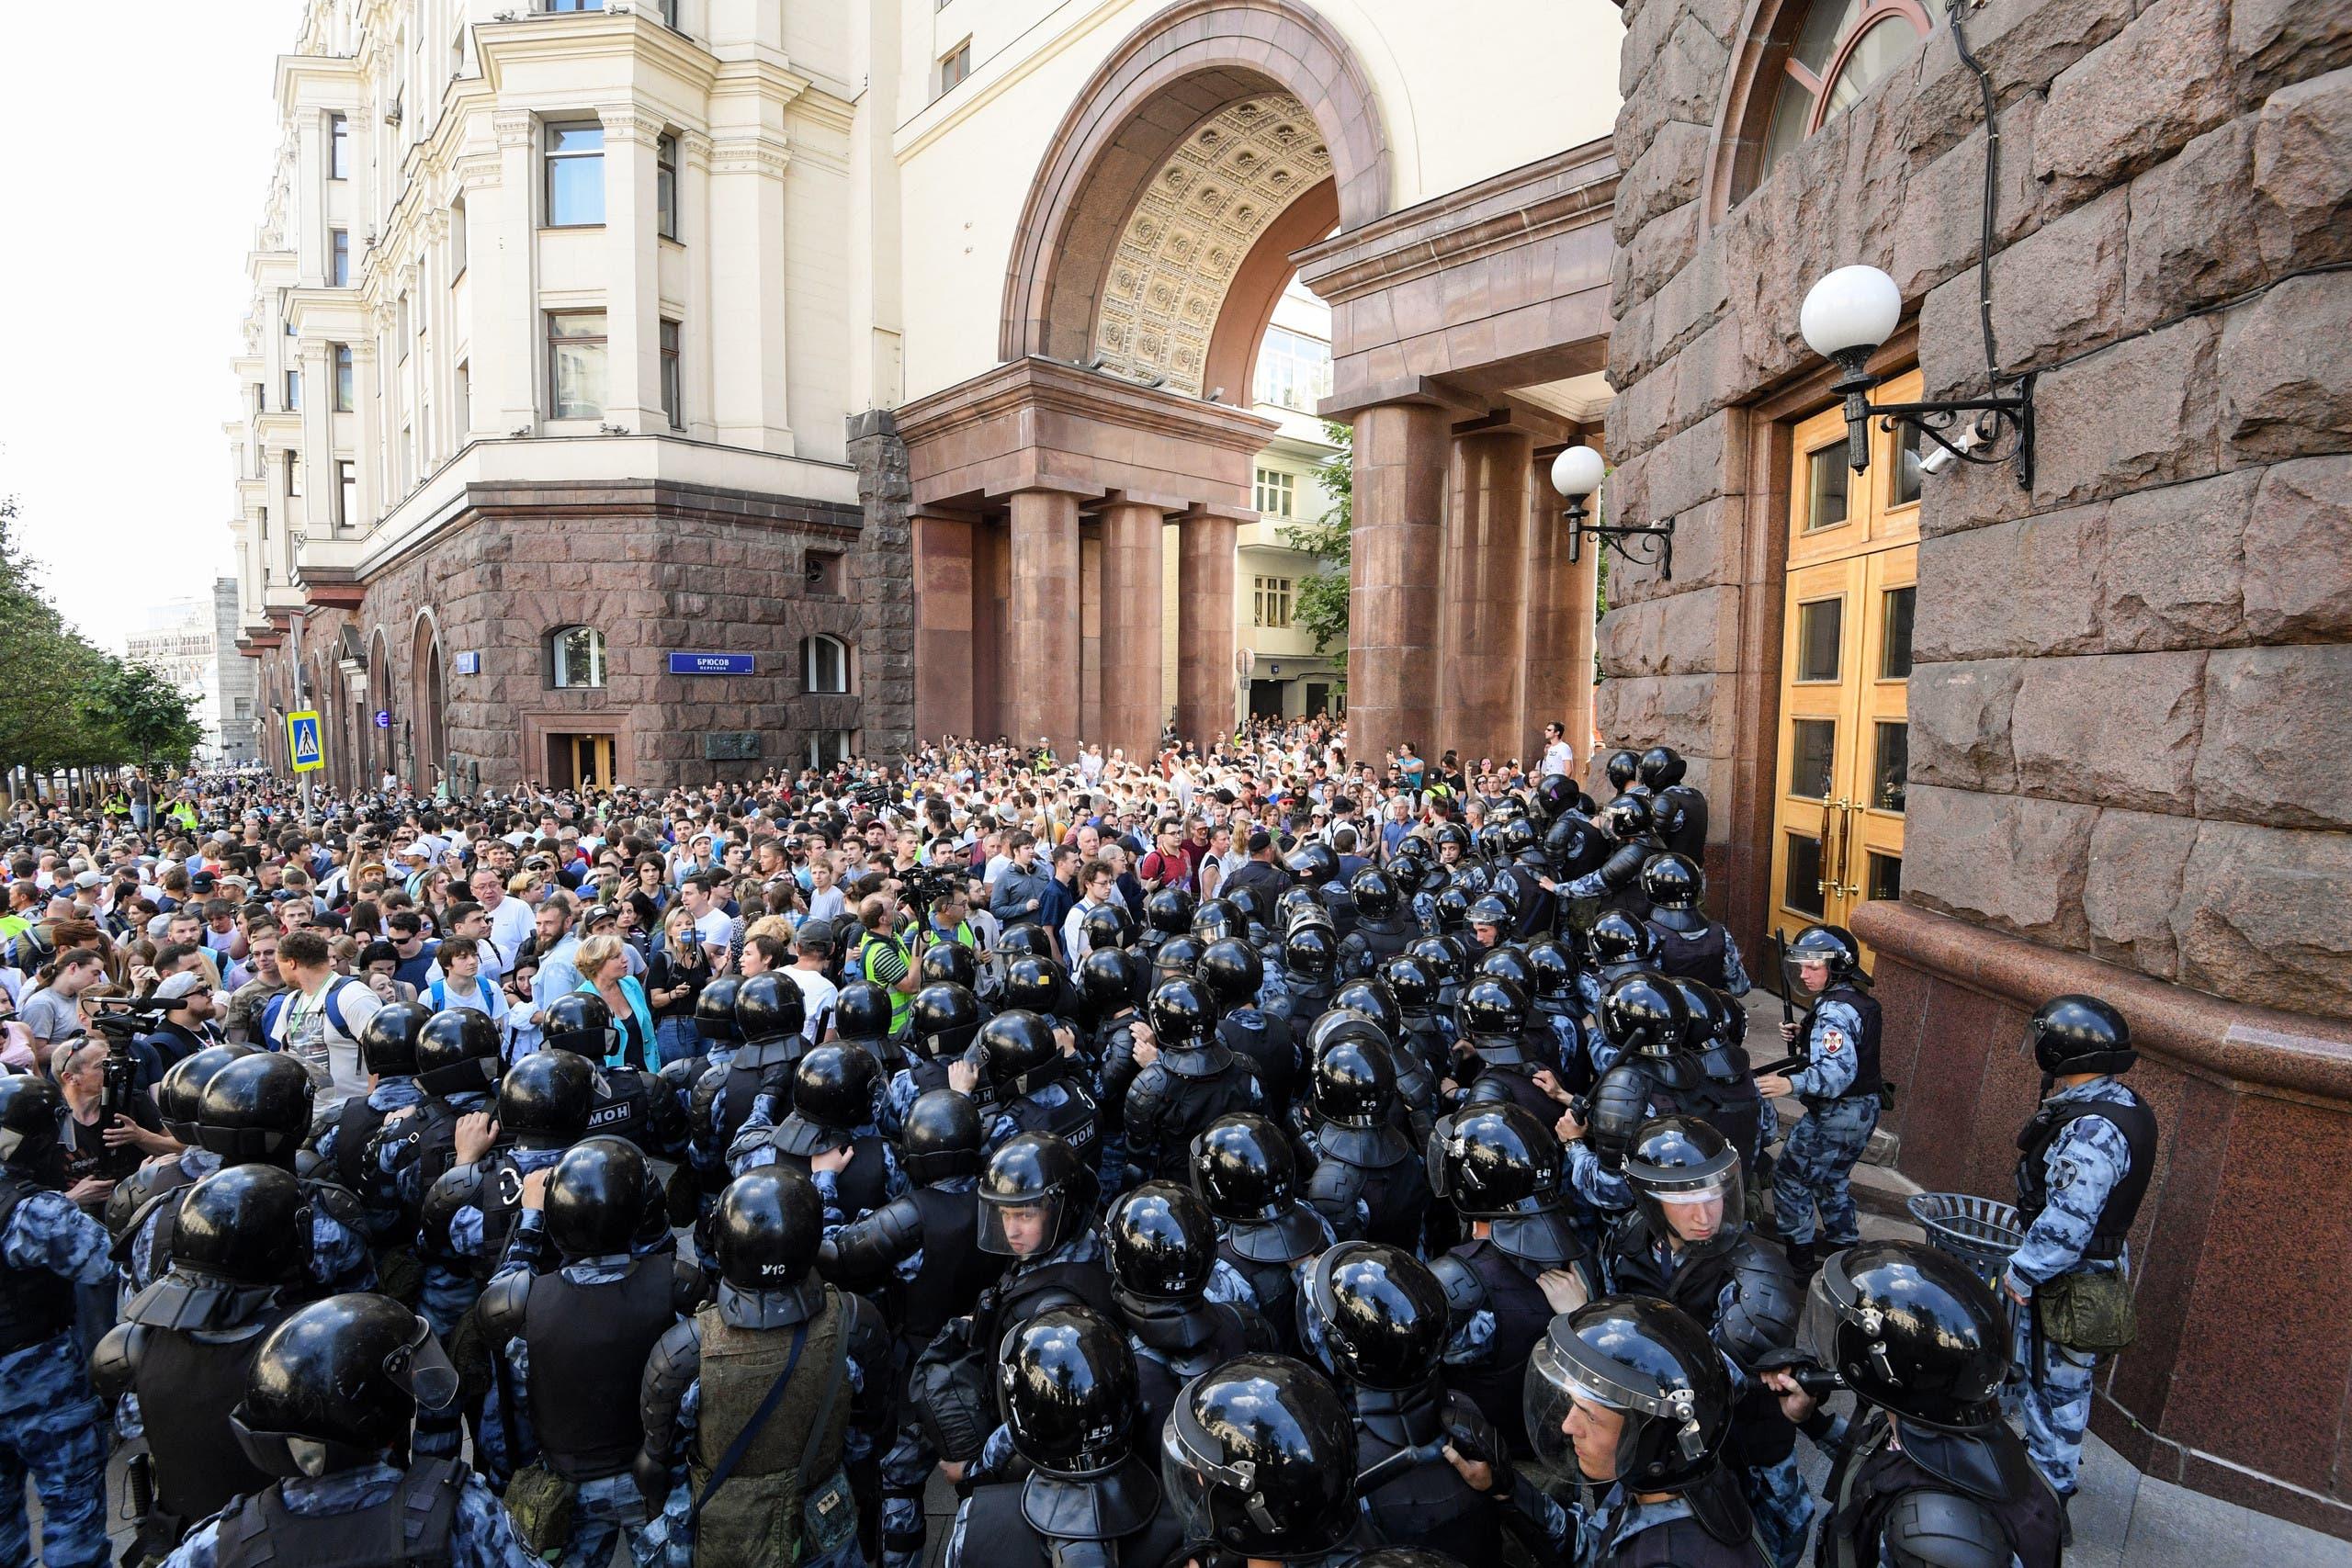 جانب من استخدام الشرطة الروسية القوة ضد متظاهرين